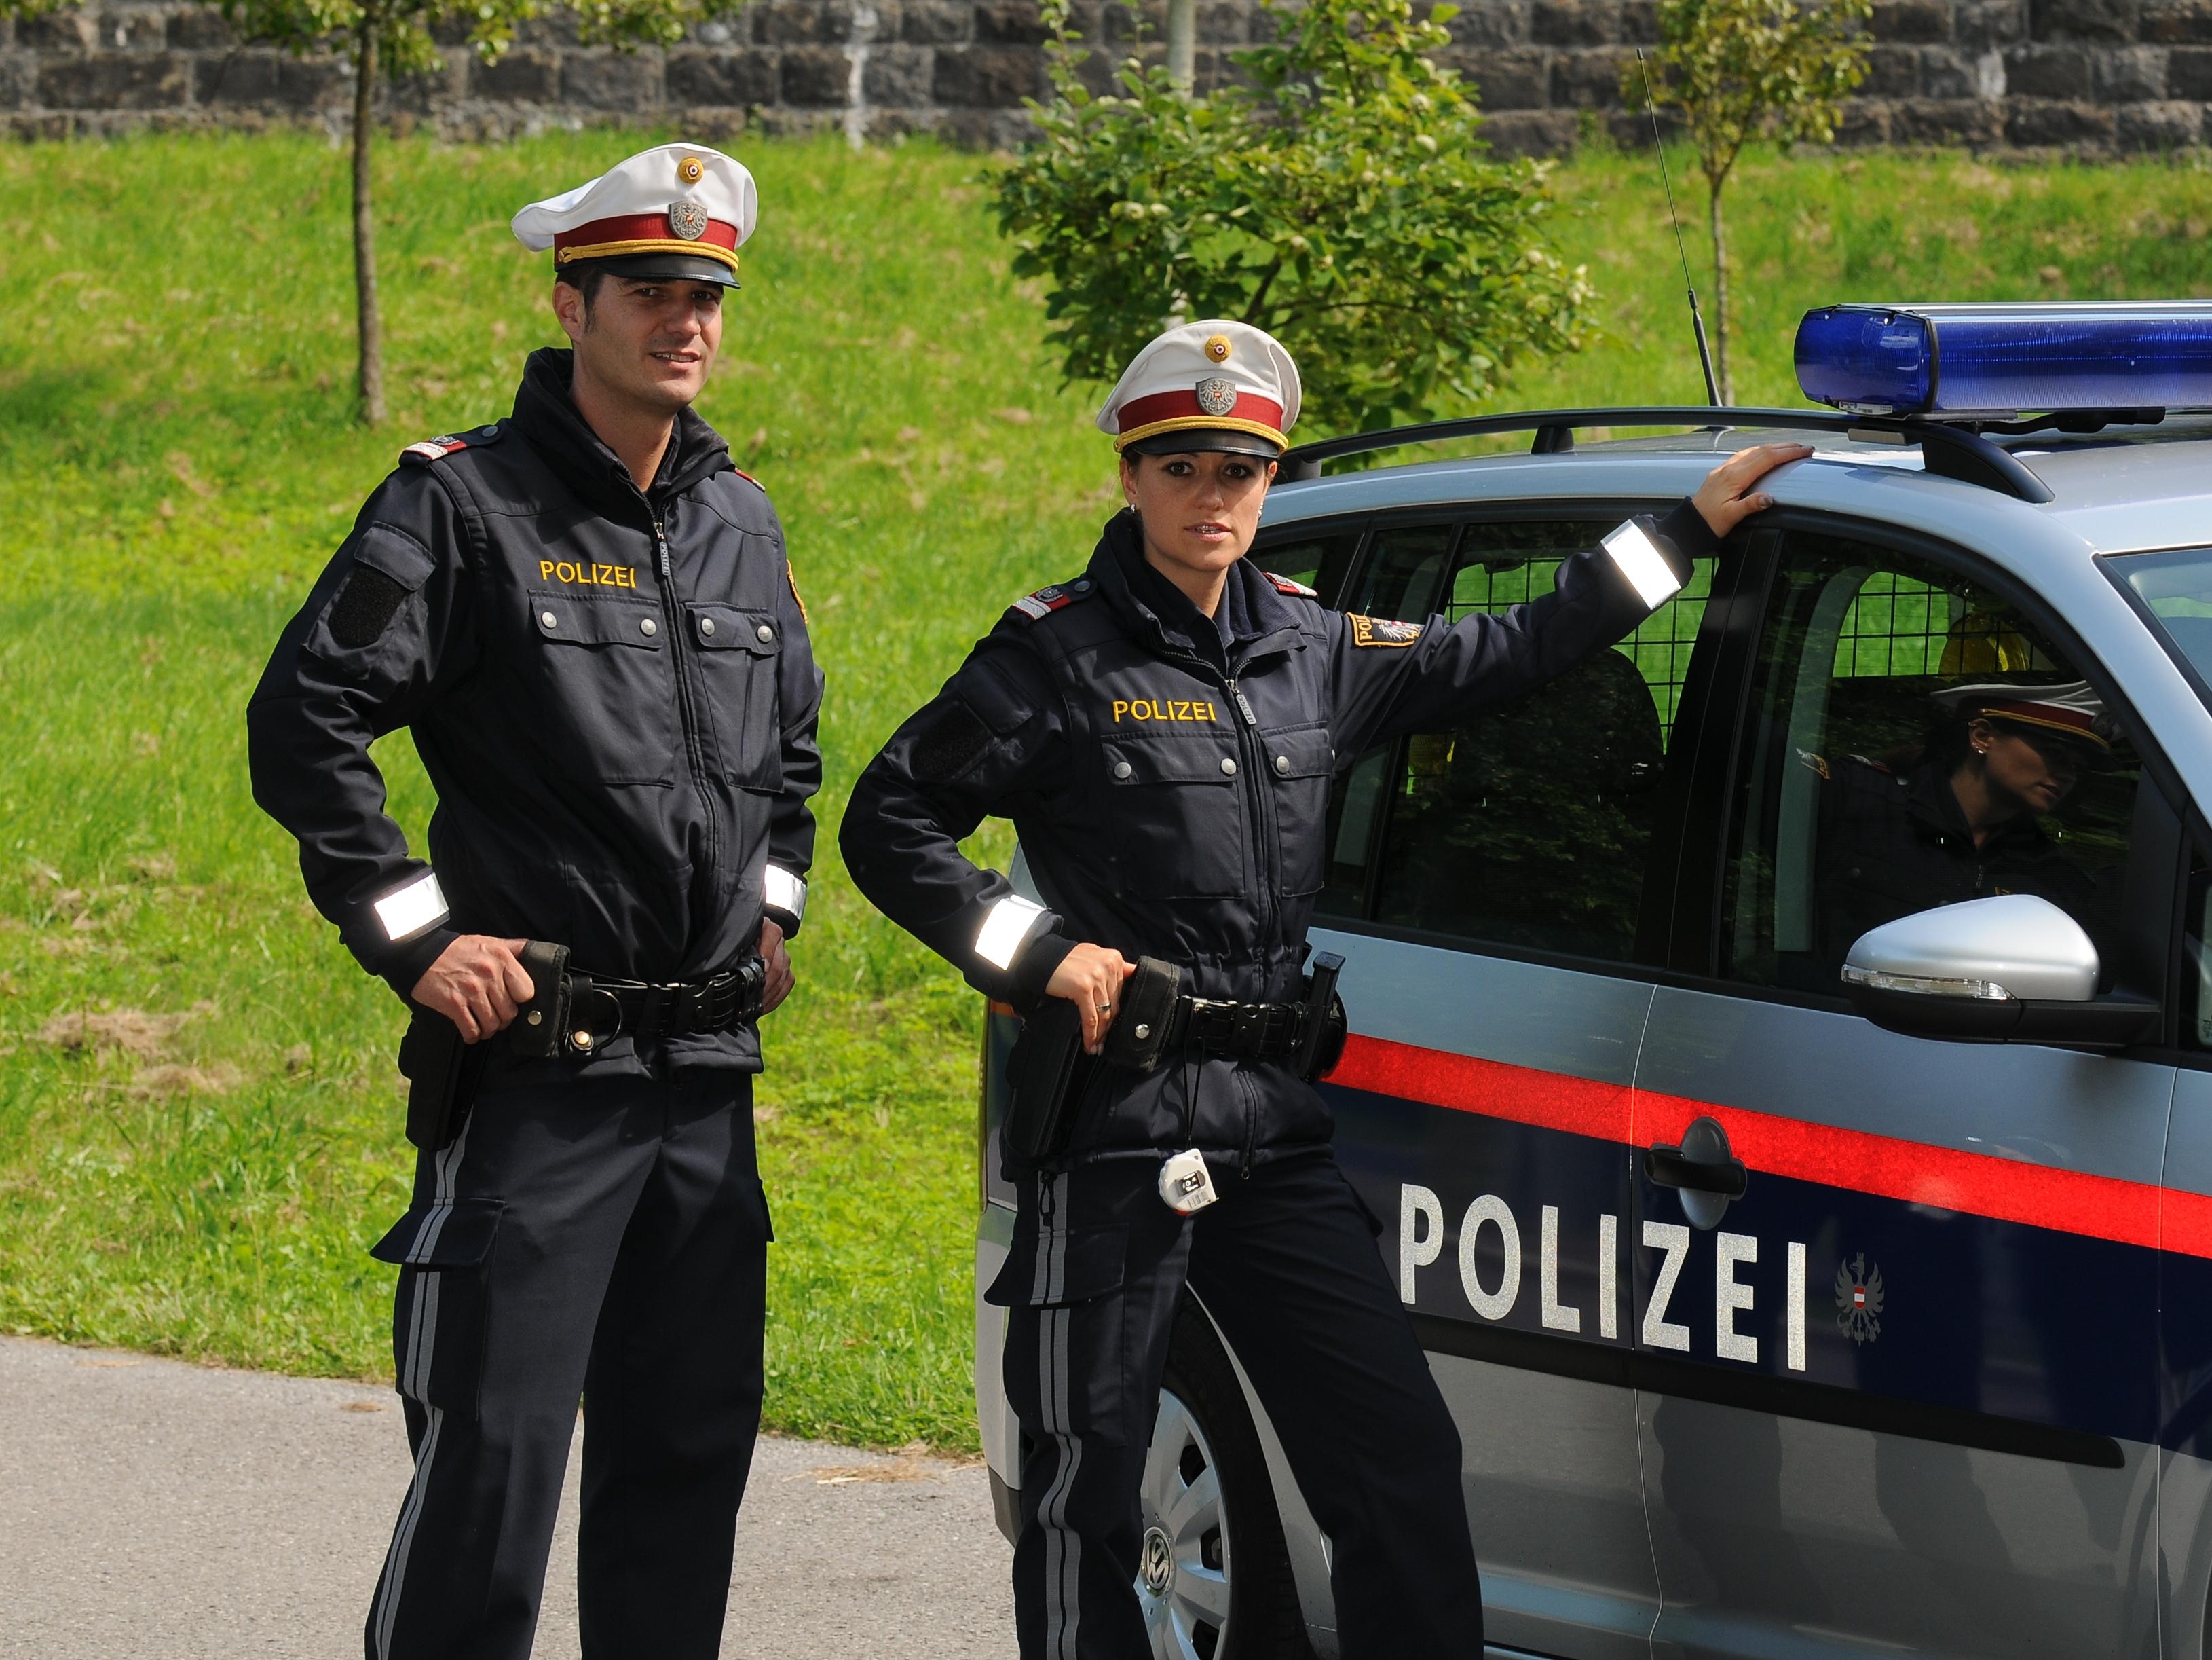 Policajt Wikipedia